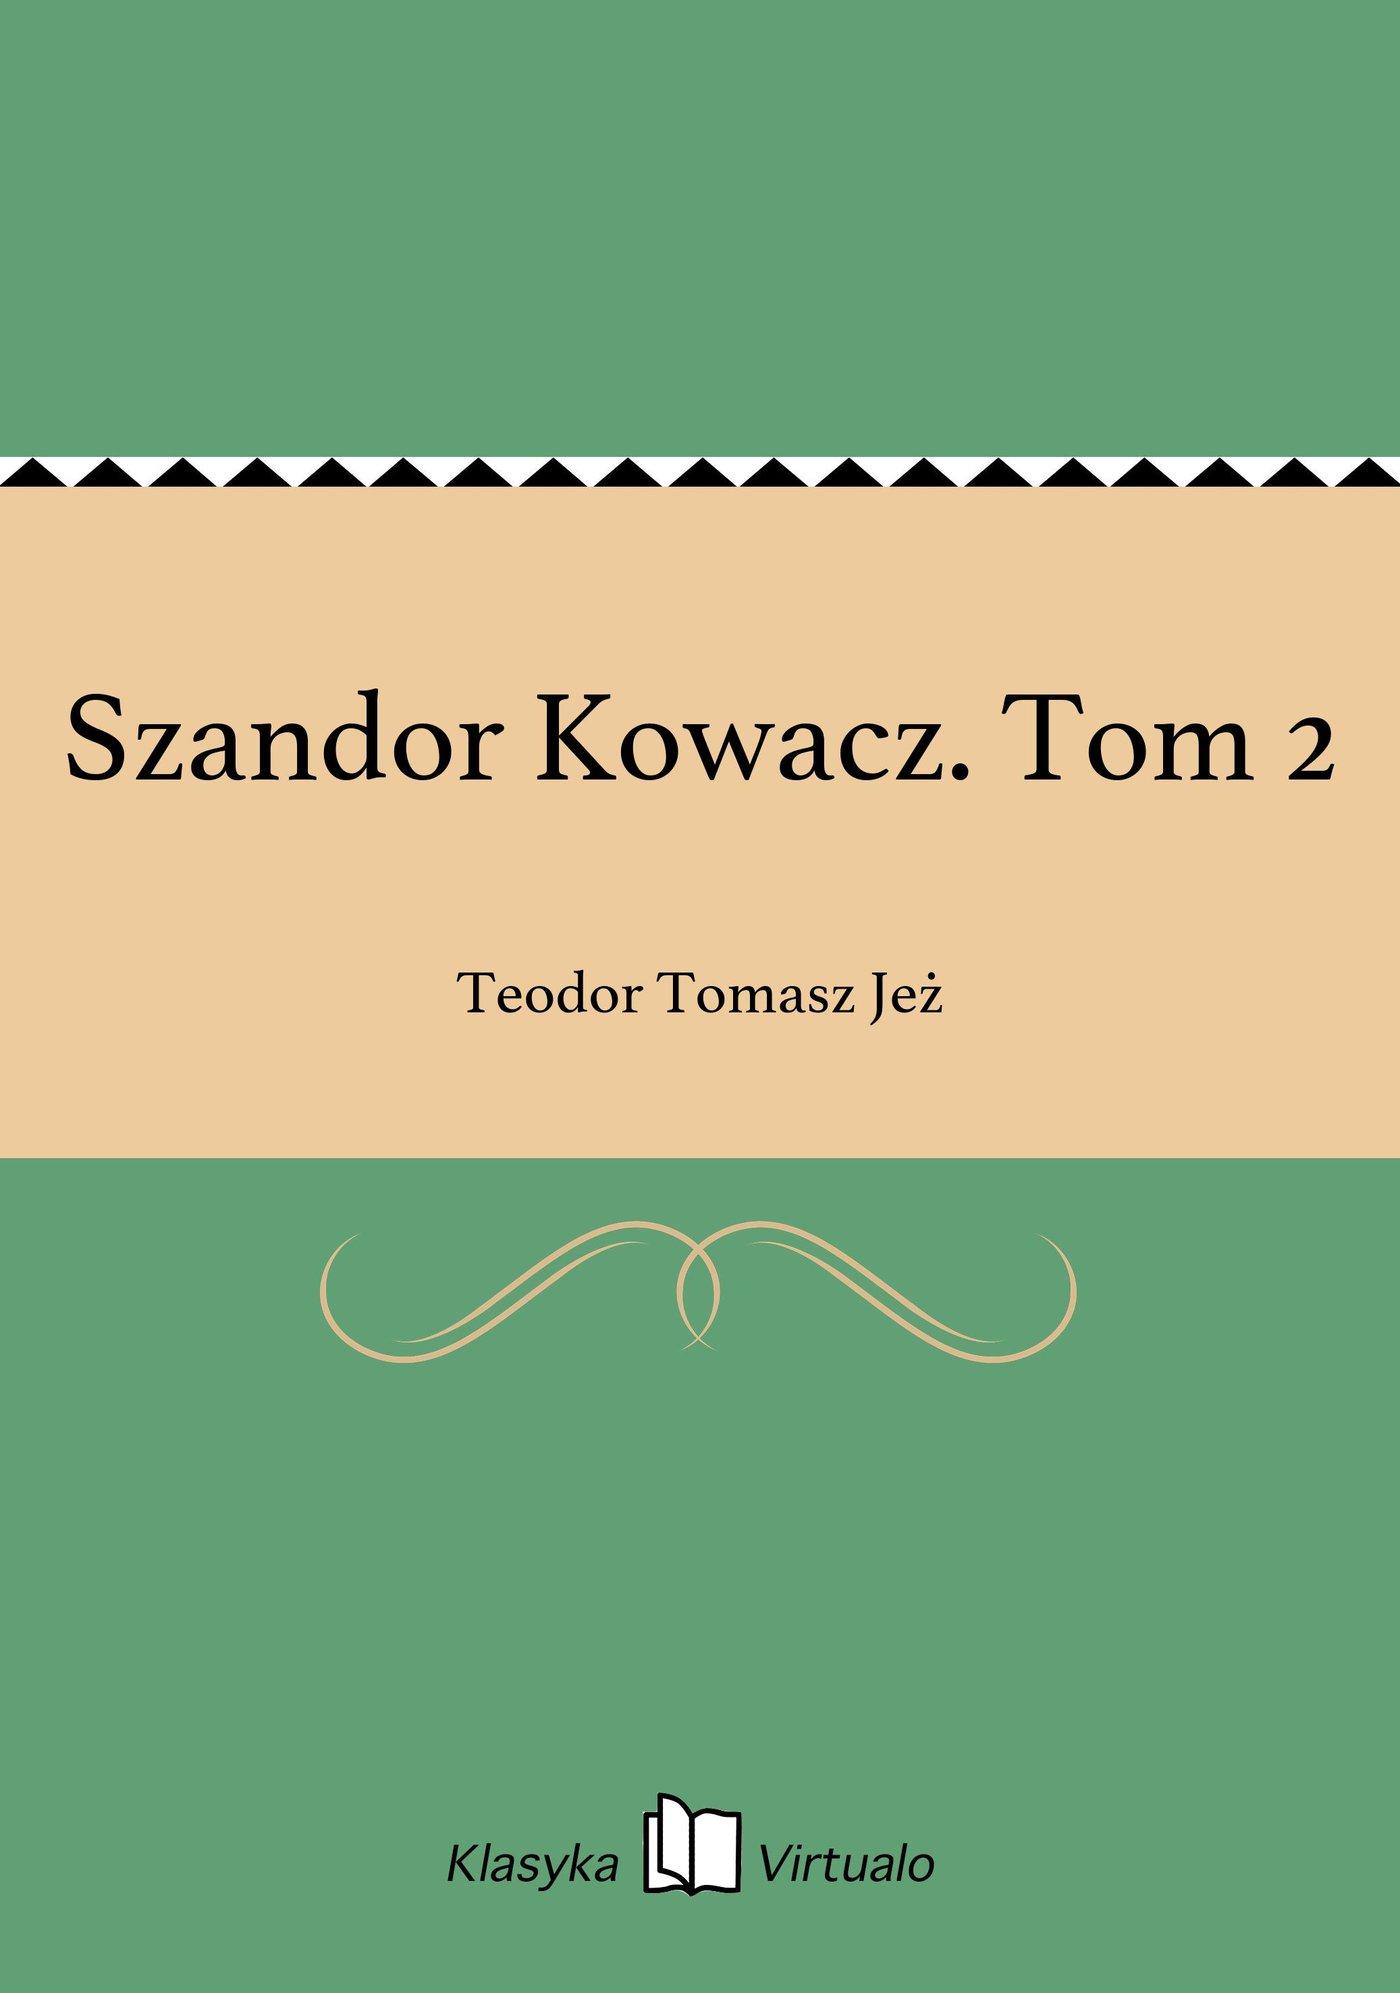 Szandor Kowacz. Tom 2 - Ebook (Książka EPUB) do pobrania w formacie EPUB